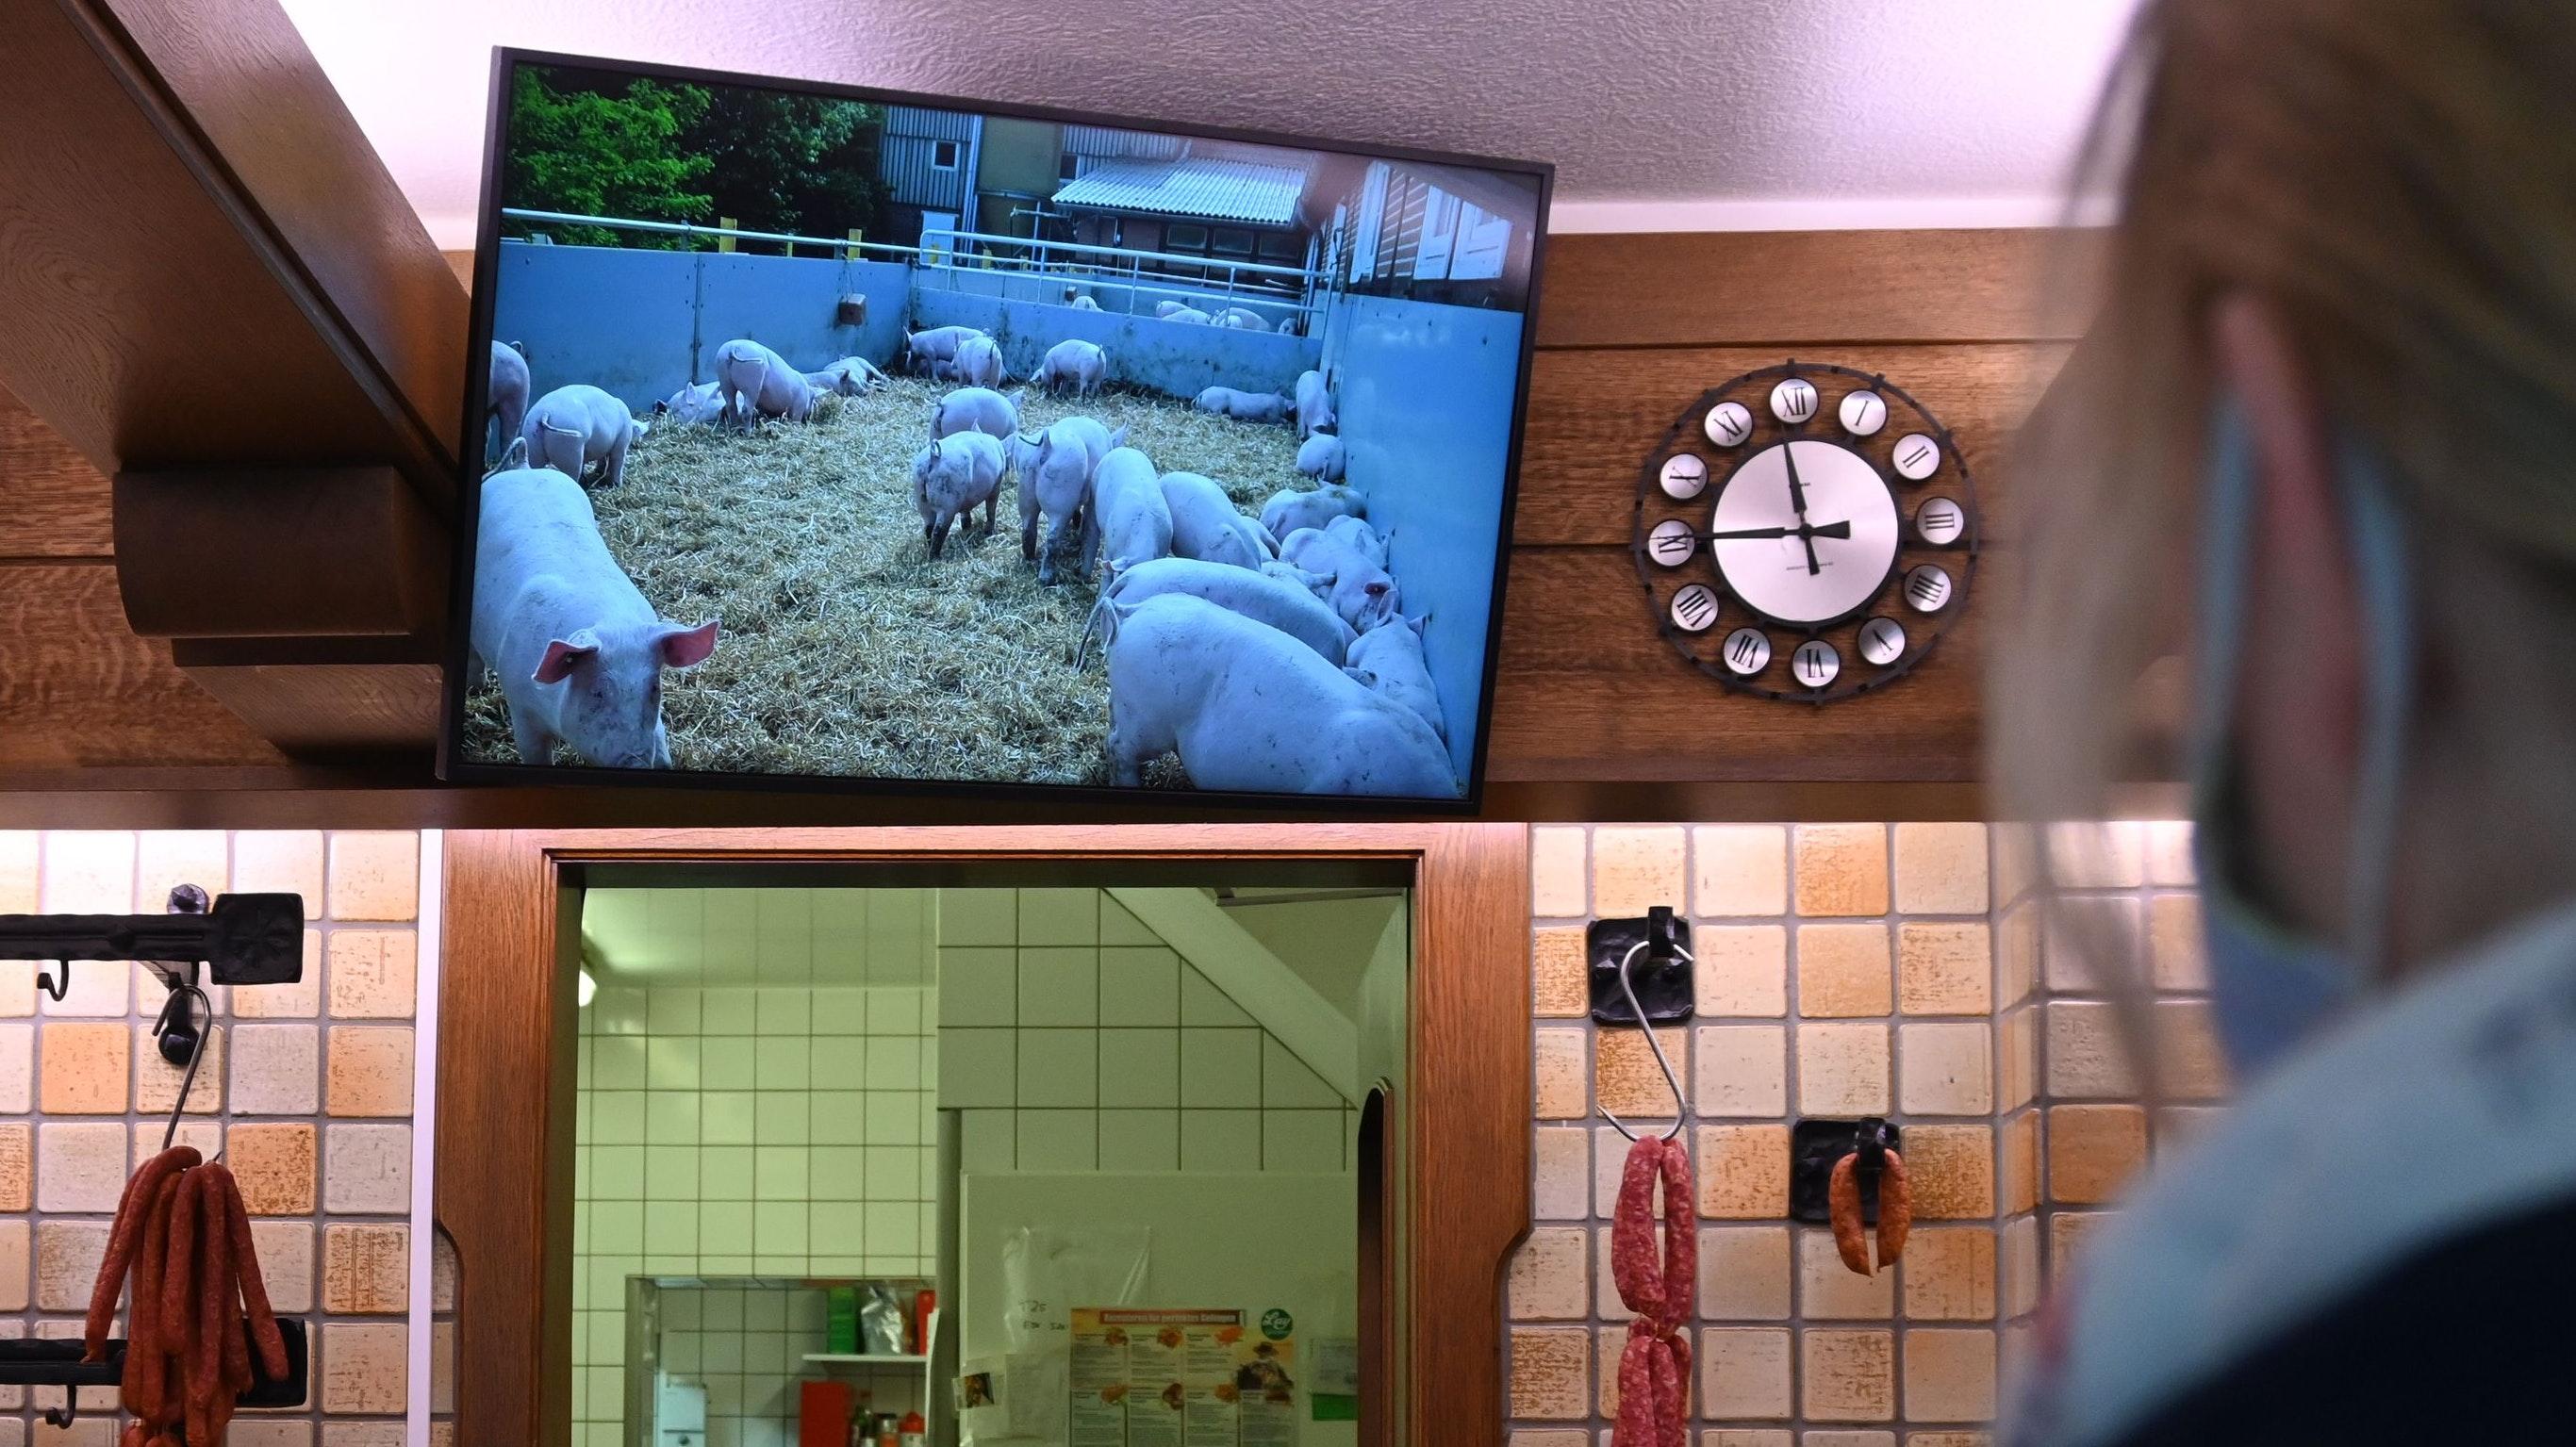 """Auslauf und frische Luft: Das Prinzip der """"Offenställe"""" wird den Kunden auf einem großen Bildschirm gezeigt. Foto: Thomas Vorwerk"""